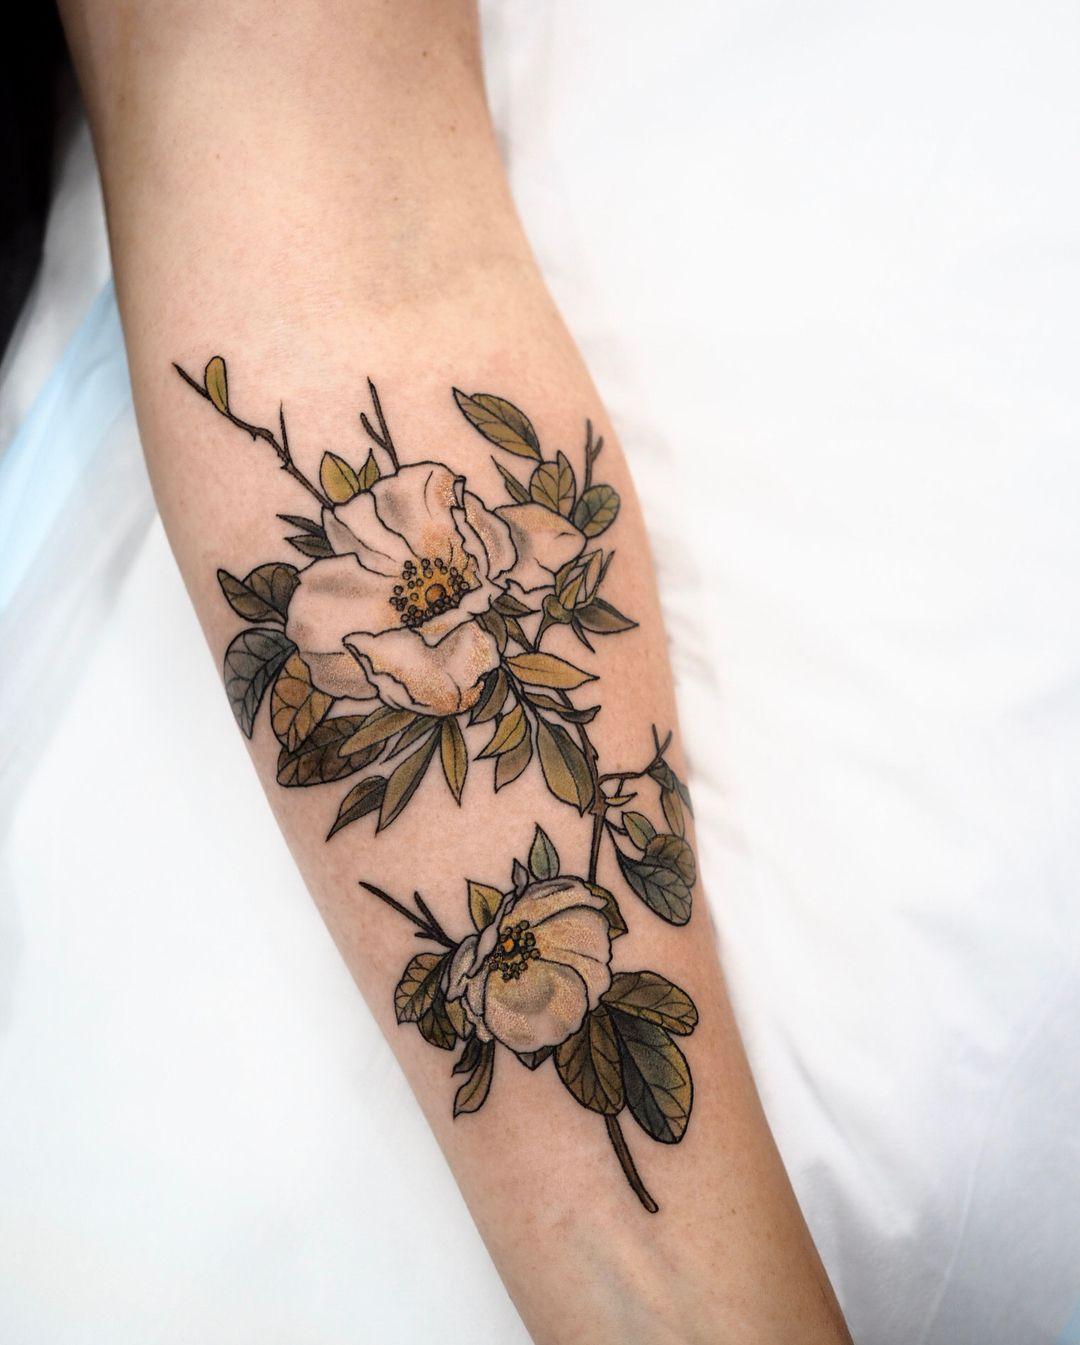 White Wild Roses Sophiabaughan Tattoos Magnolia Tattoo Minimalist Tattoo